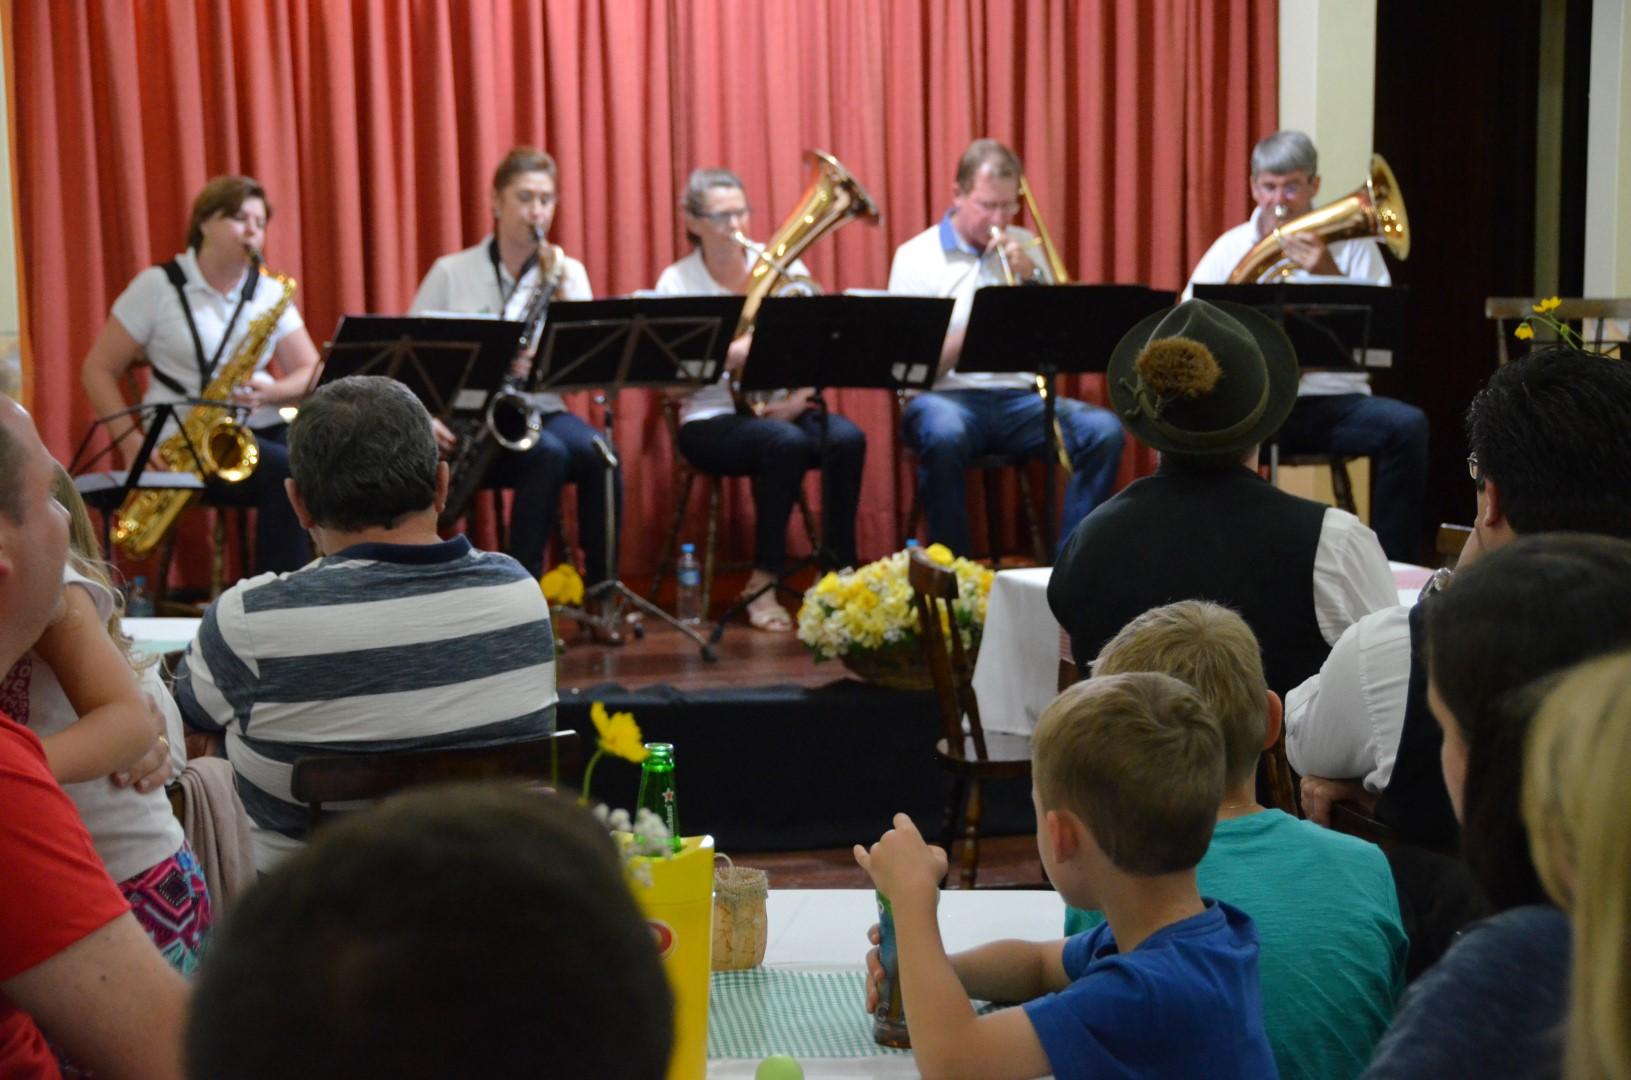 Mosaico Musical - 14/11/17Mosaico Musical - 14/11/17